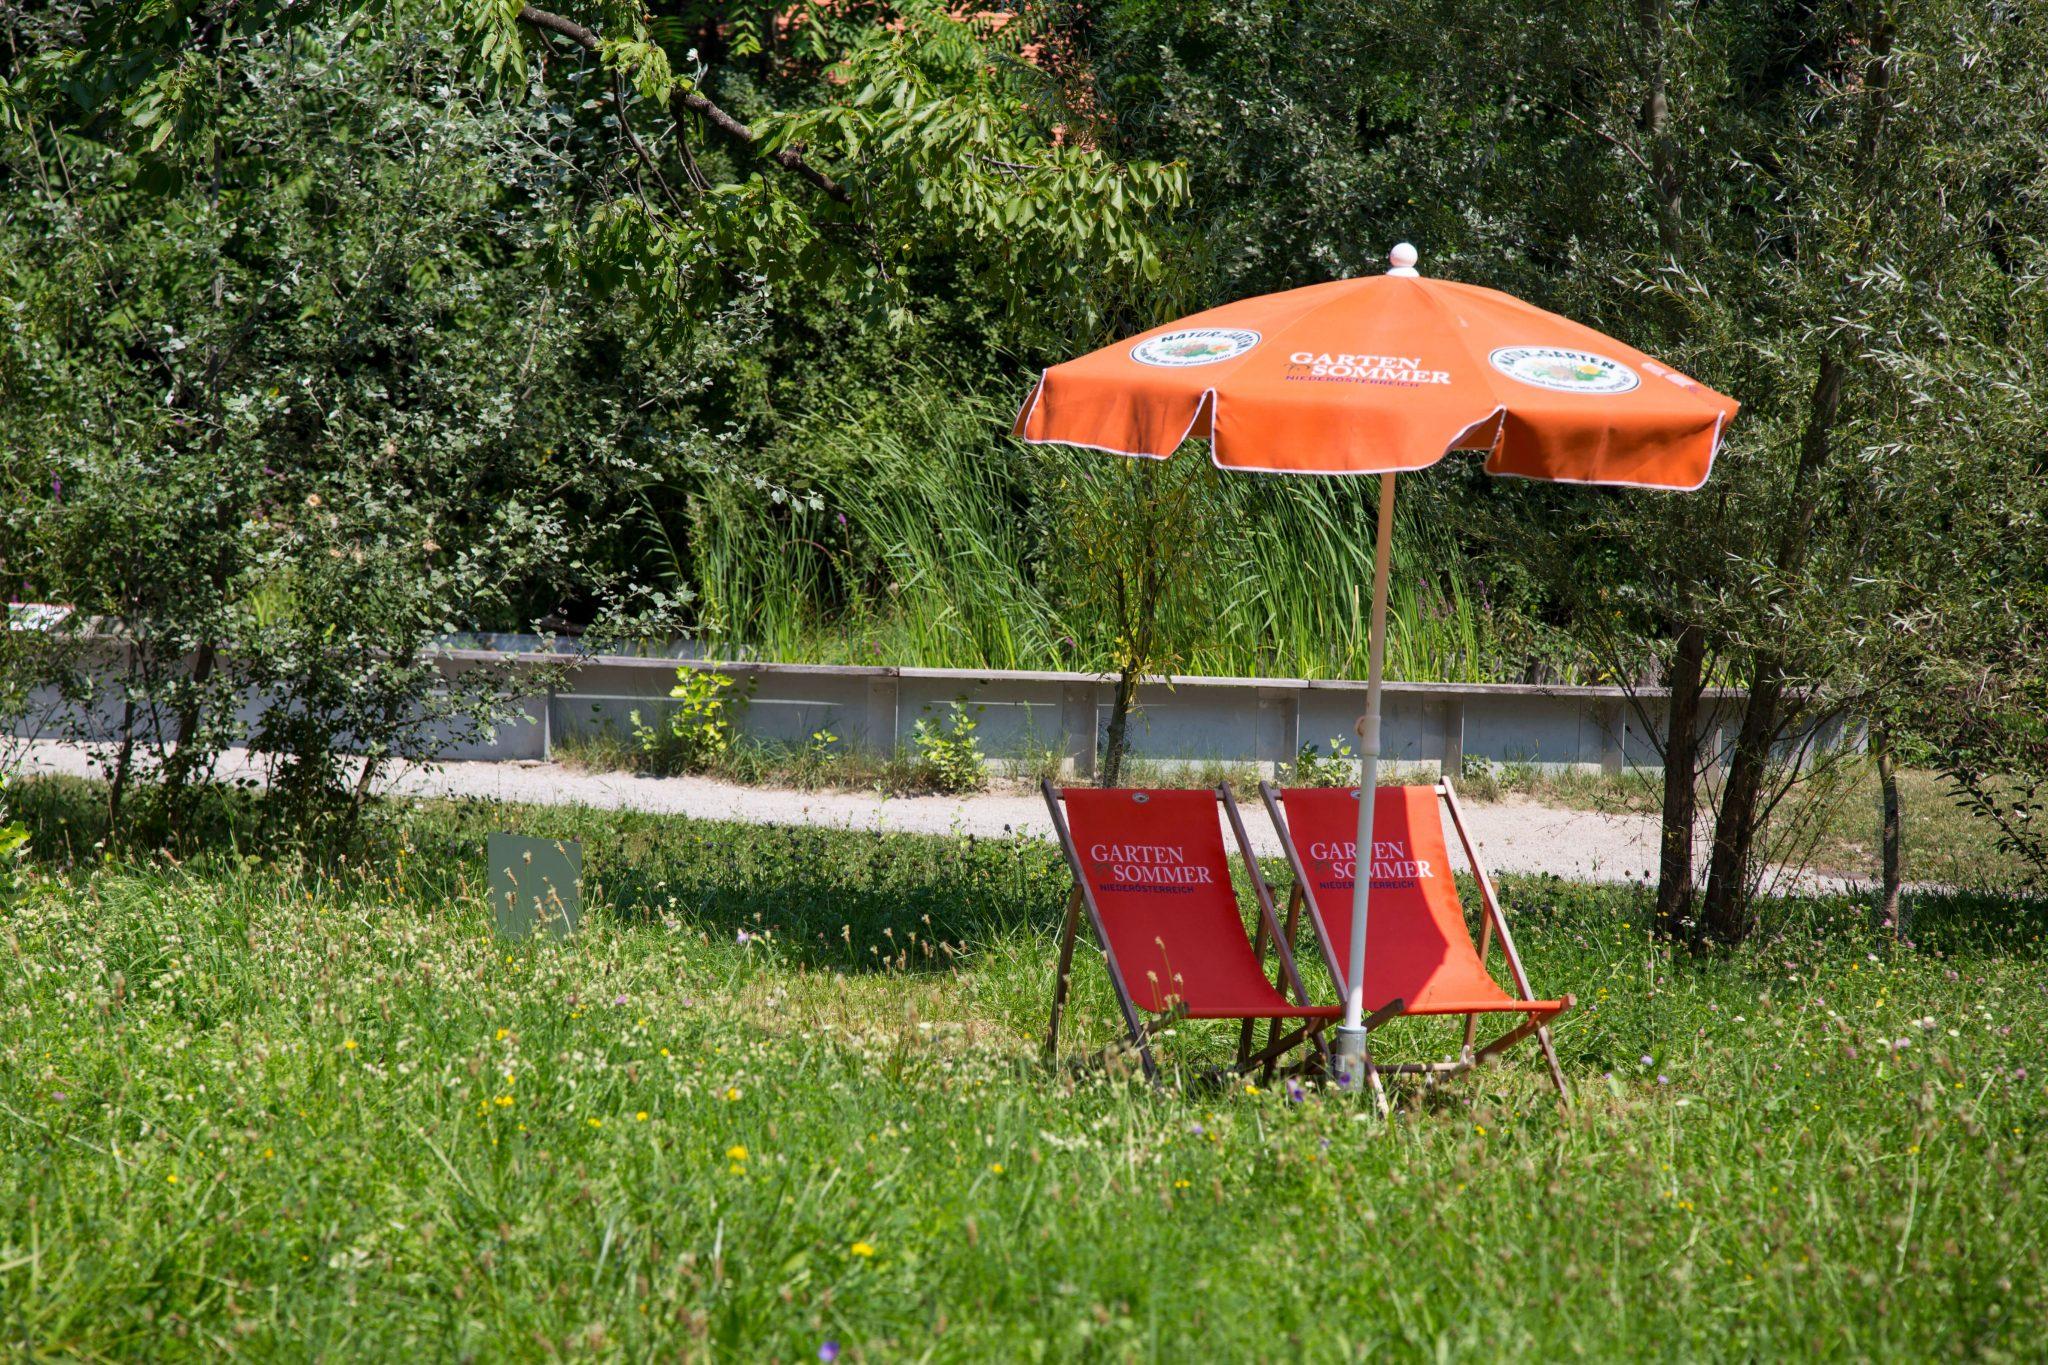 Nationalpark Donau-Auen, Schloss Orth, Ausflugstipp, Radtour, Reiseblog www.anitaaufreisen.at